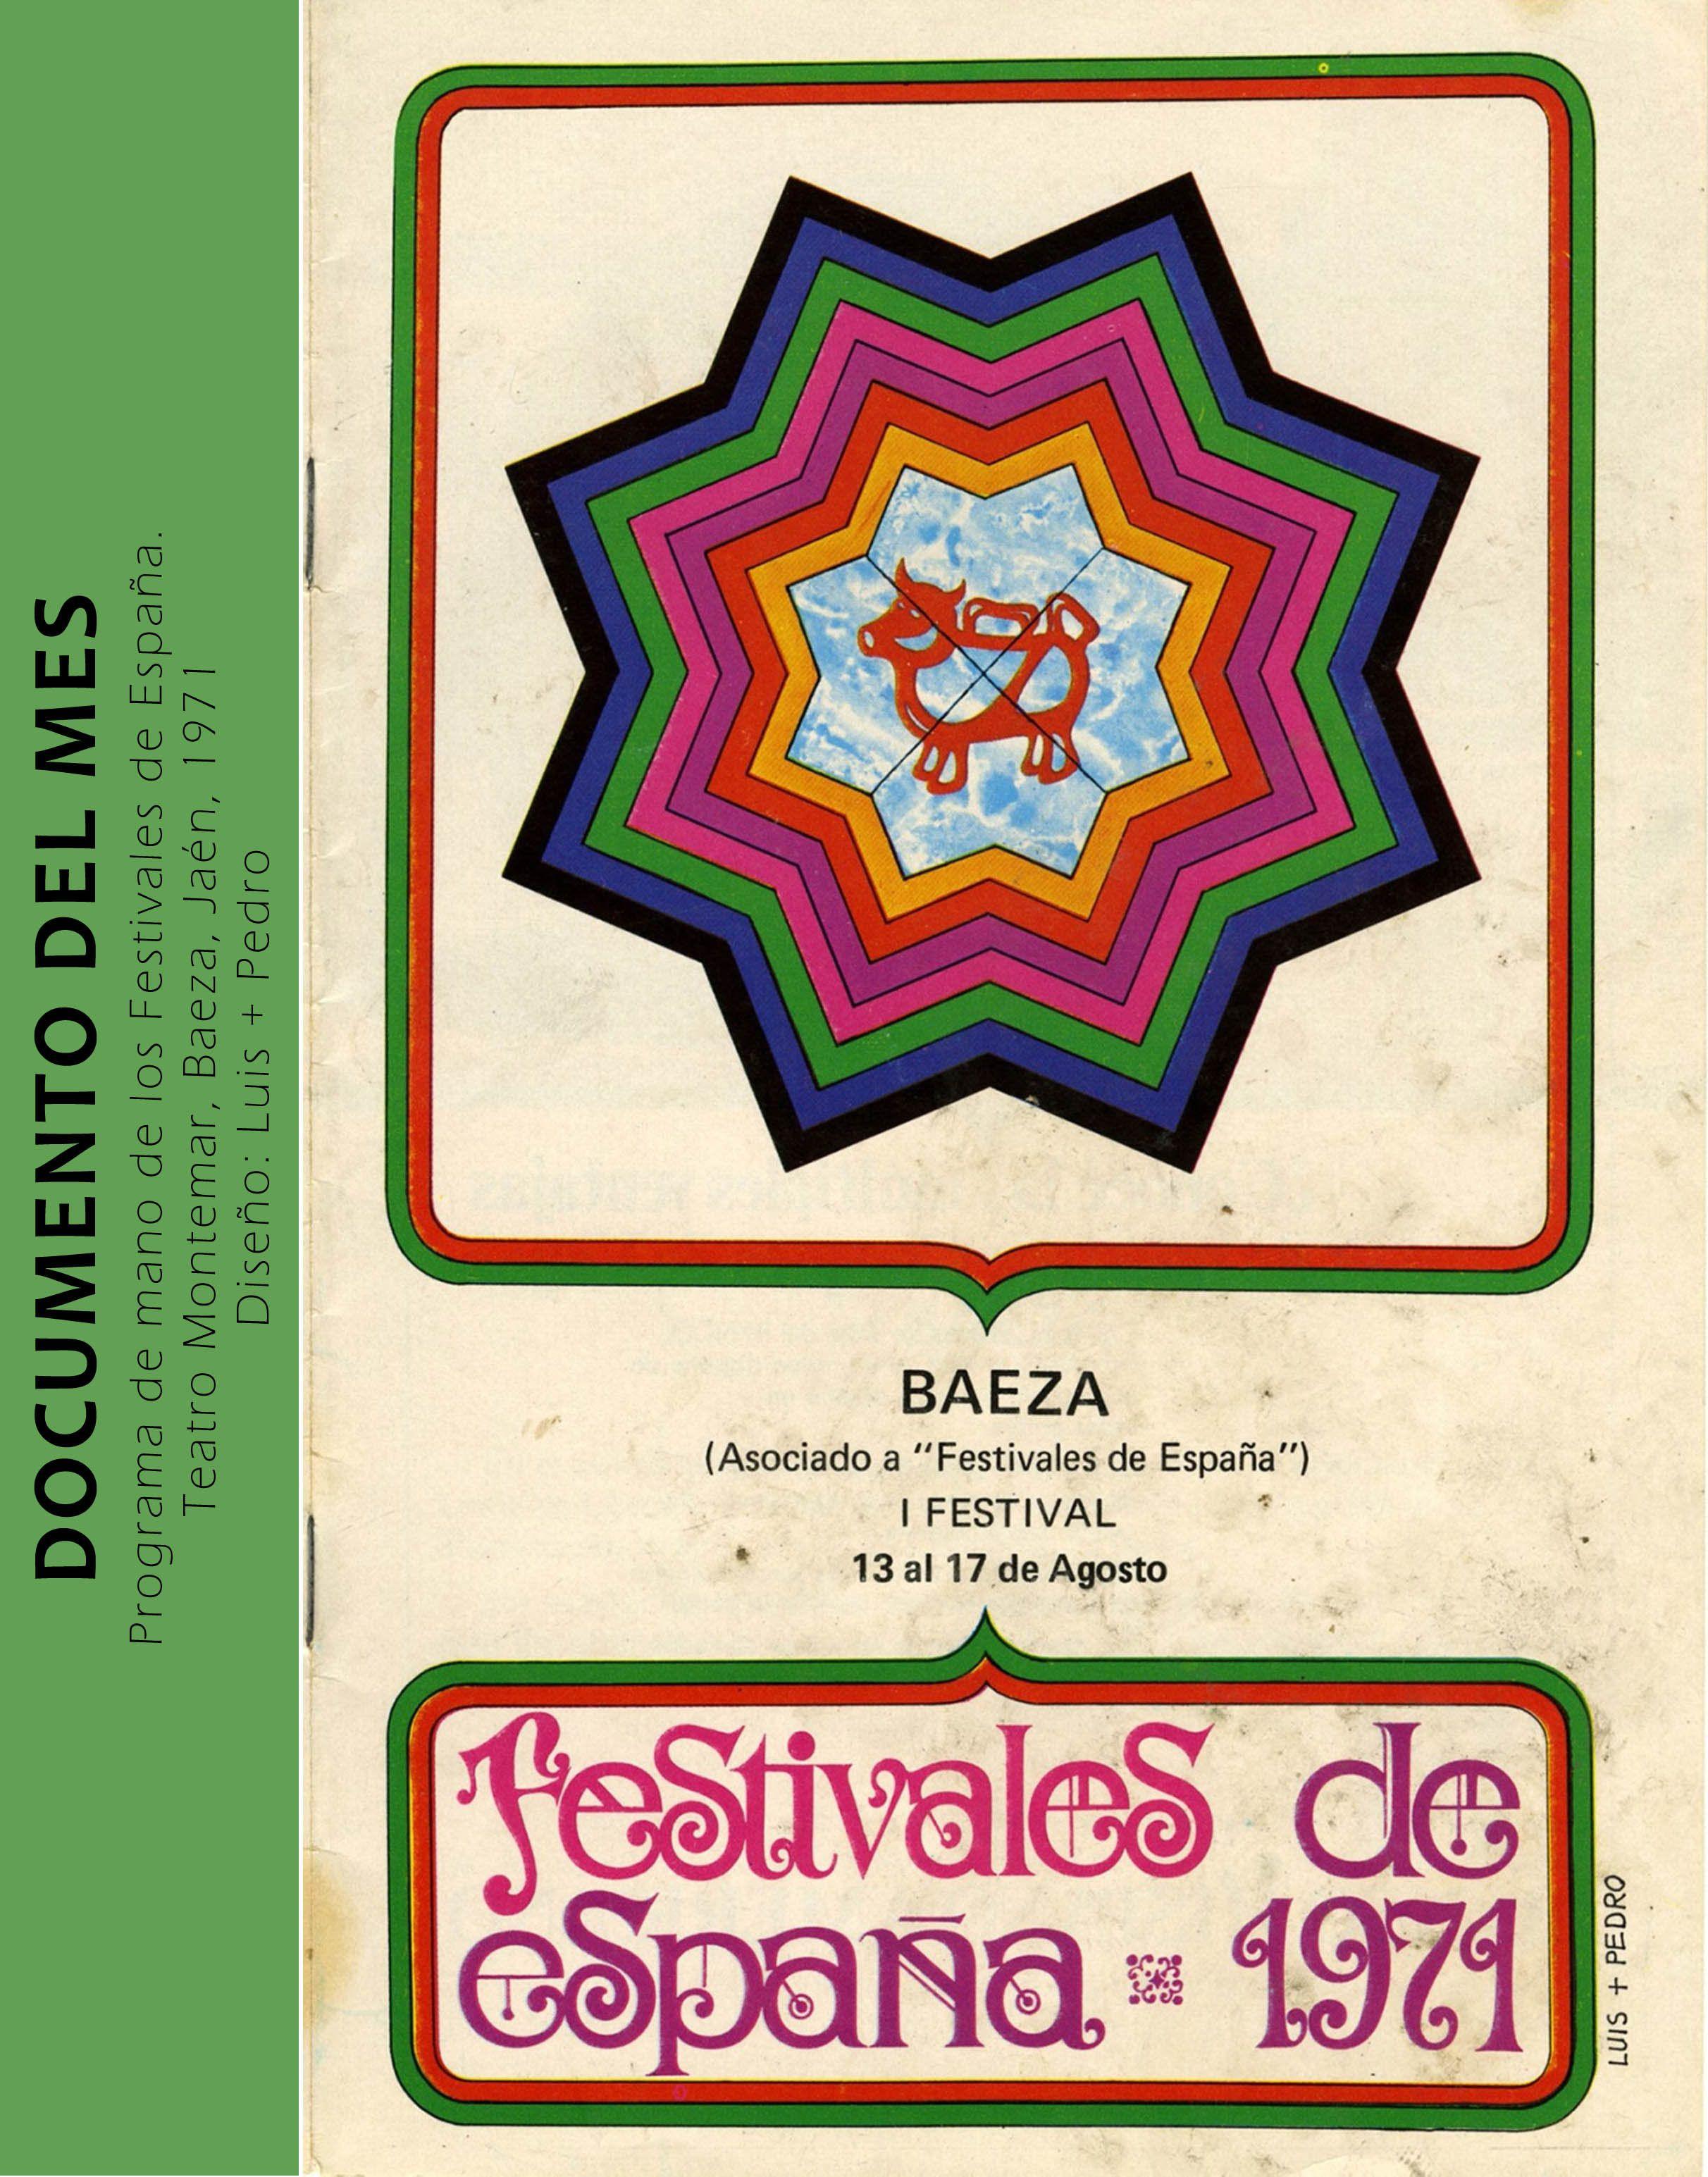 Programa de mano de los Festivales de España. Teatro Montemar, Baeza, Jaén, 1971